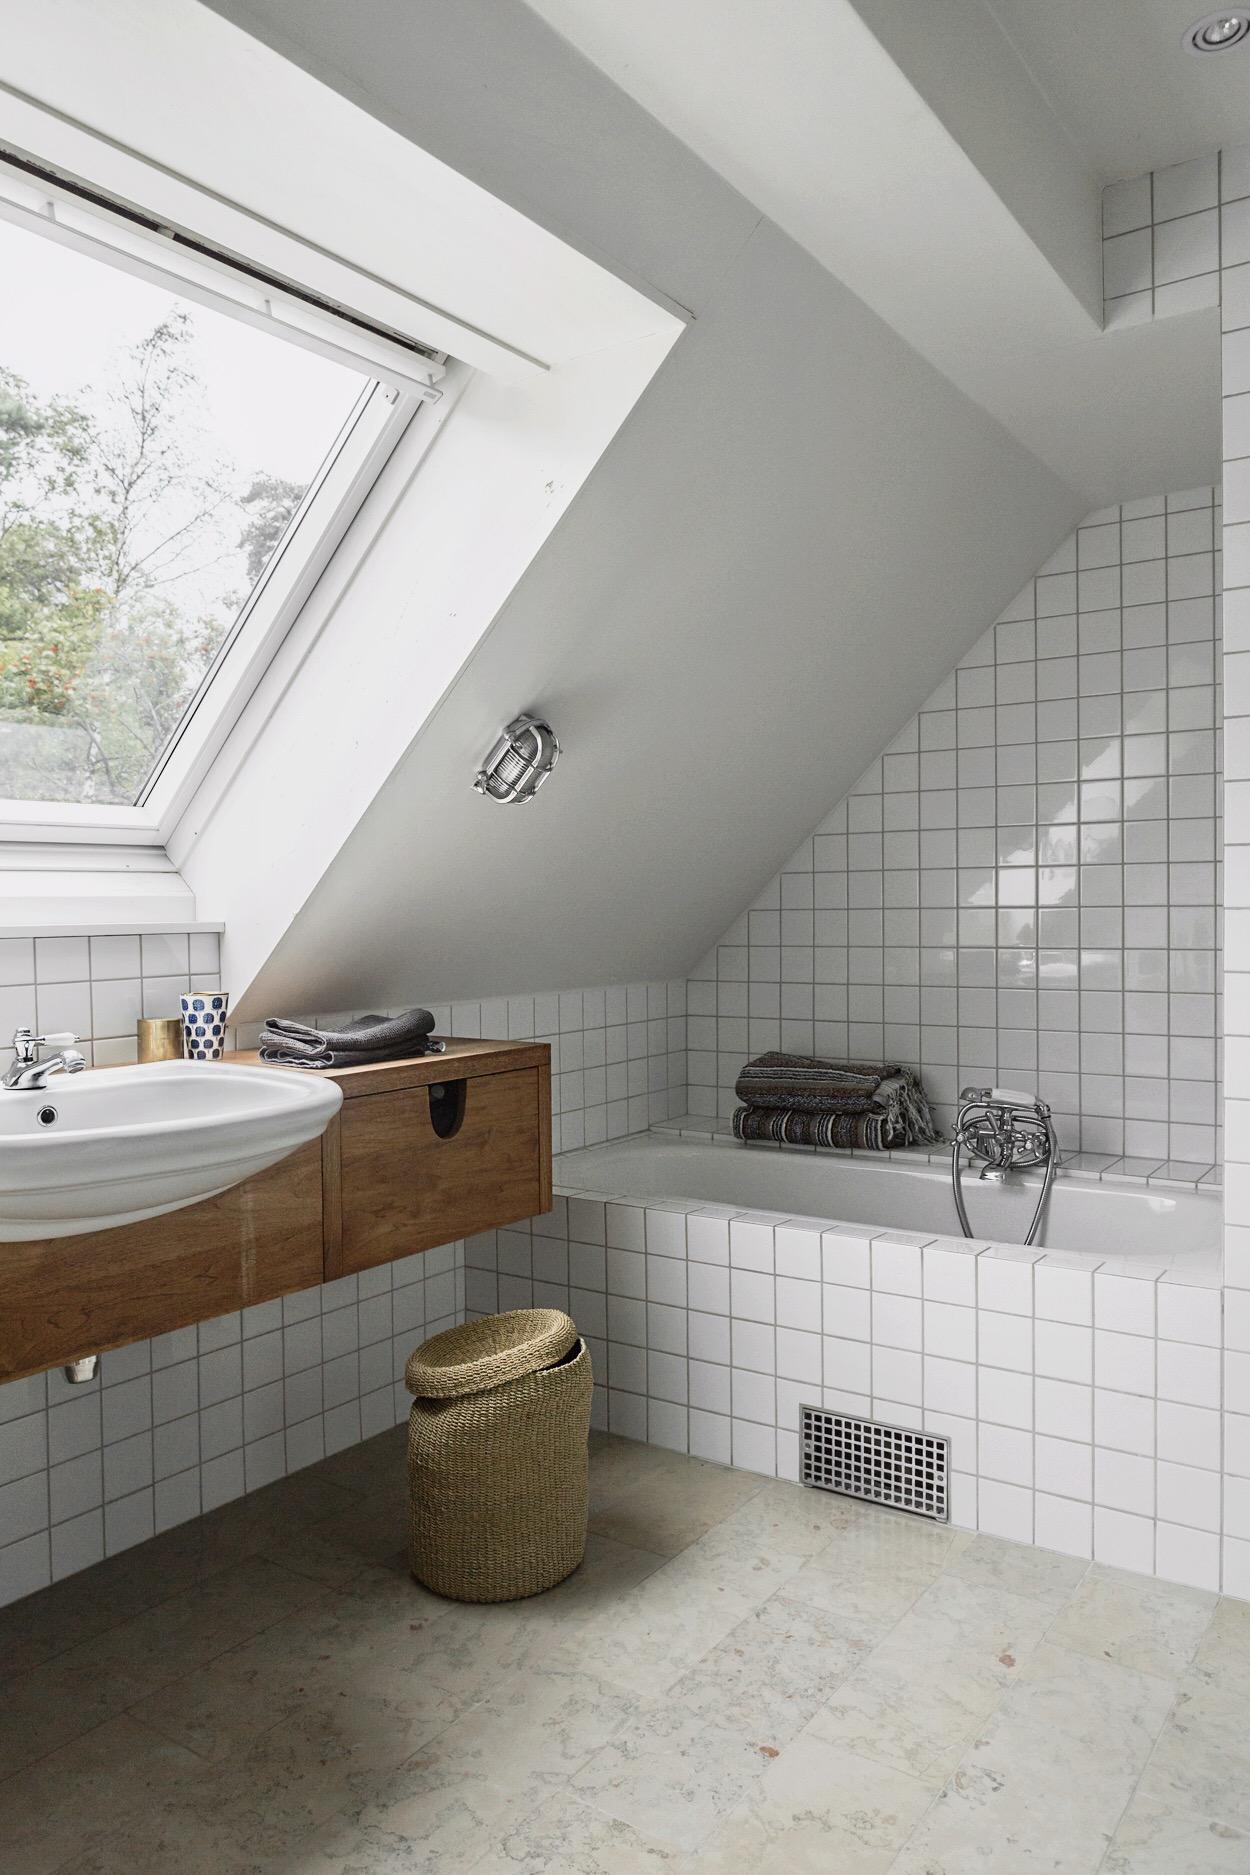 мансарда ванная комната окно ванна раковина корзина